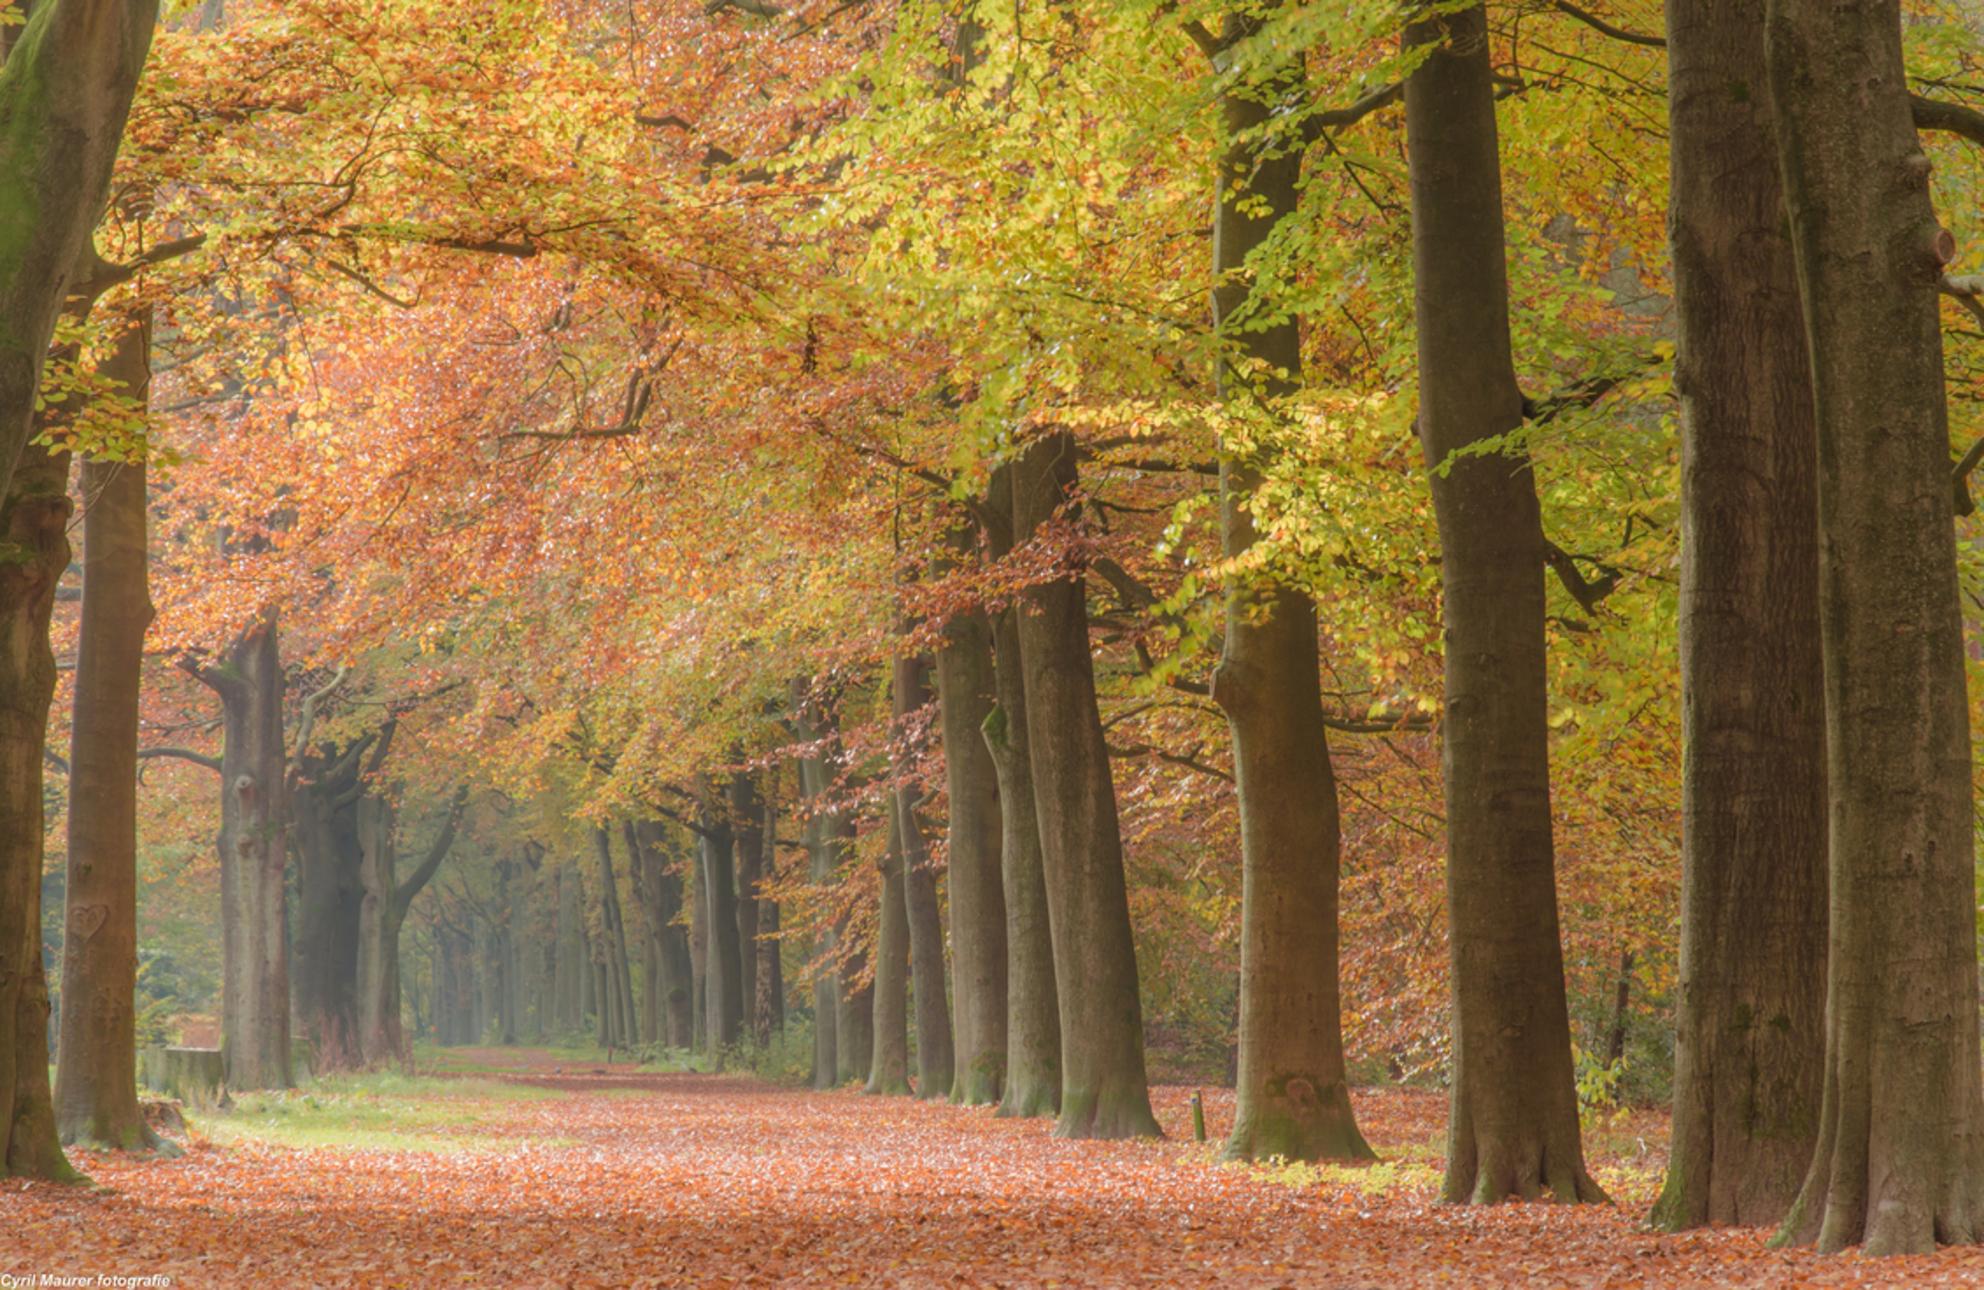 De Herfst in zijn kleur en pracht - Ik kan er geen genoeg van krijgen de mooie herfst kleuren;). nog een of twee weken en de bomen zijn weer kaal voor het grootste gedeelte . Bij mij in - foto door sipmaurer op 31-10-2015 - deze foto bevat: bladeren, natuur, licht, herfst, landschap, bos, bomen, kleurijk, Licht inval - Deze foto mag gebruikt worden in een Zoom.nl publicatie